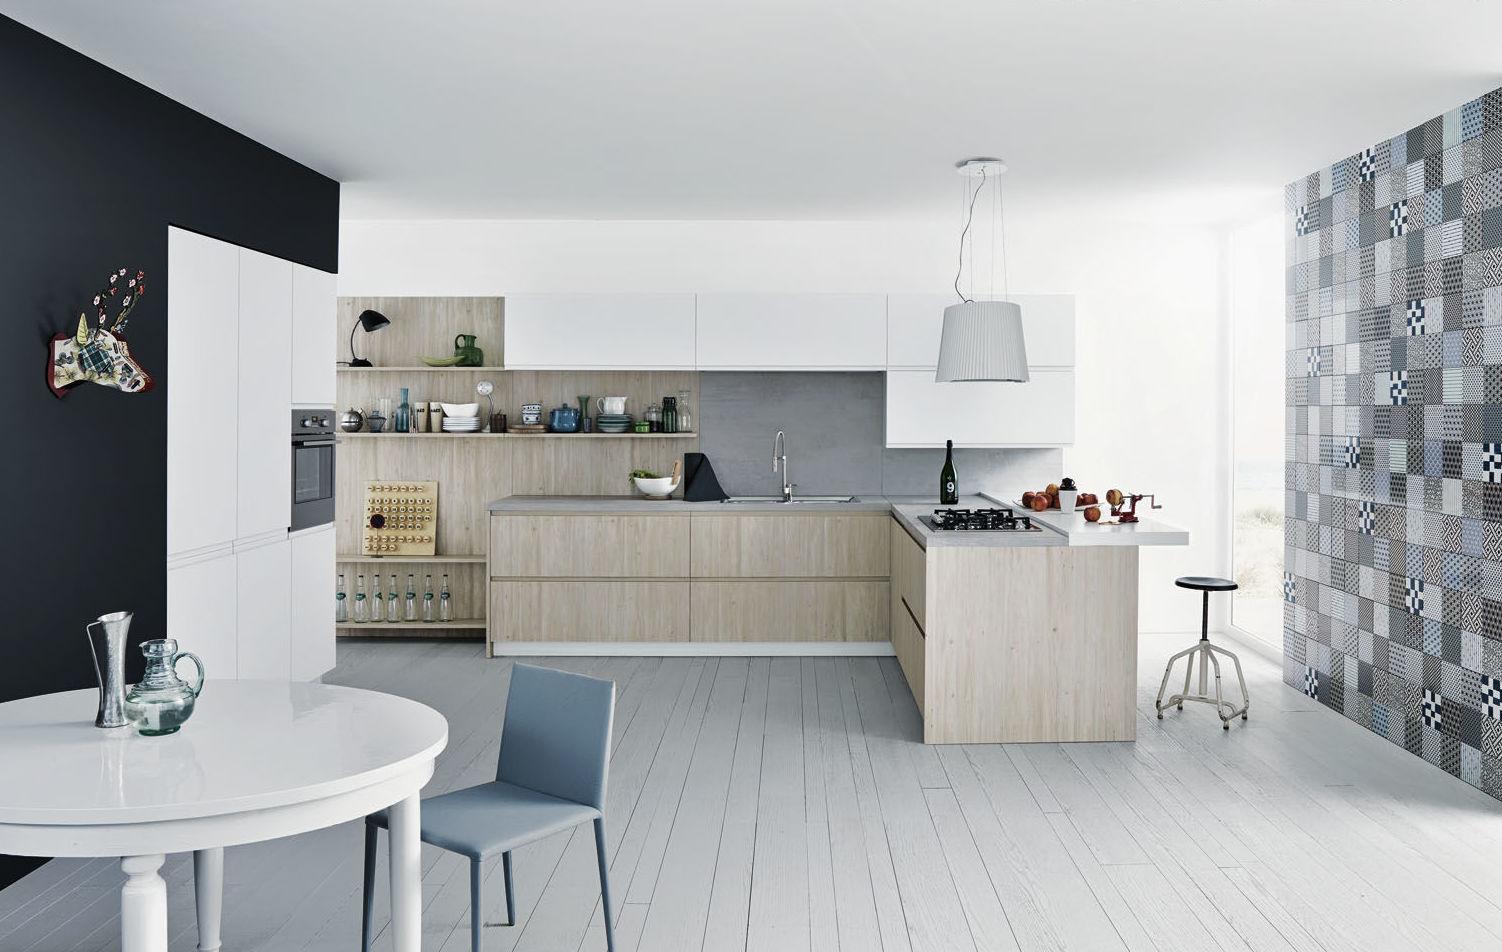 Tiendas de muebles de cocina en bilbao con precios - Mobiliario de cocina precios ...